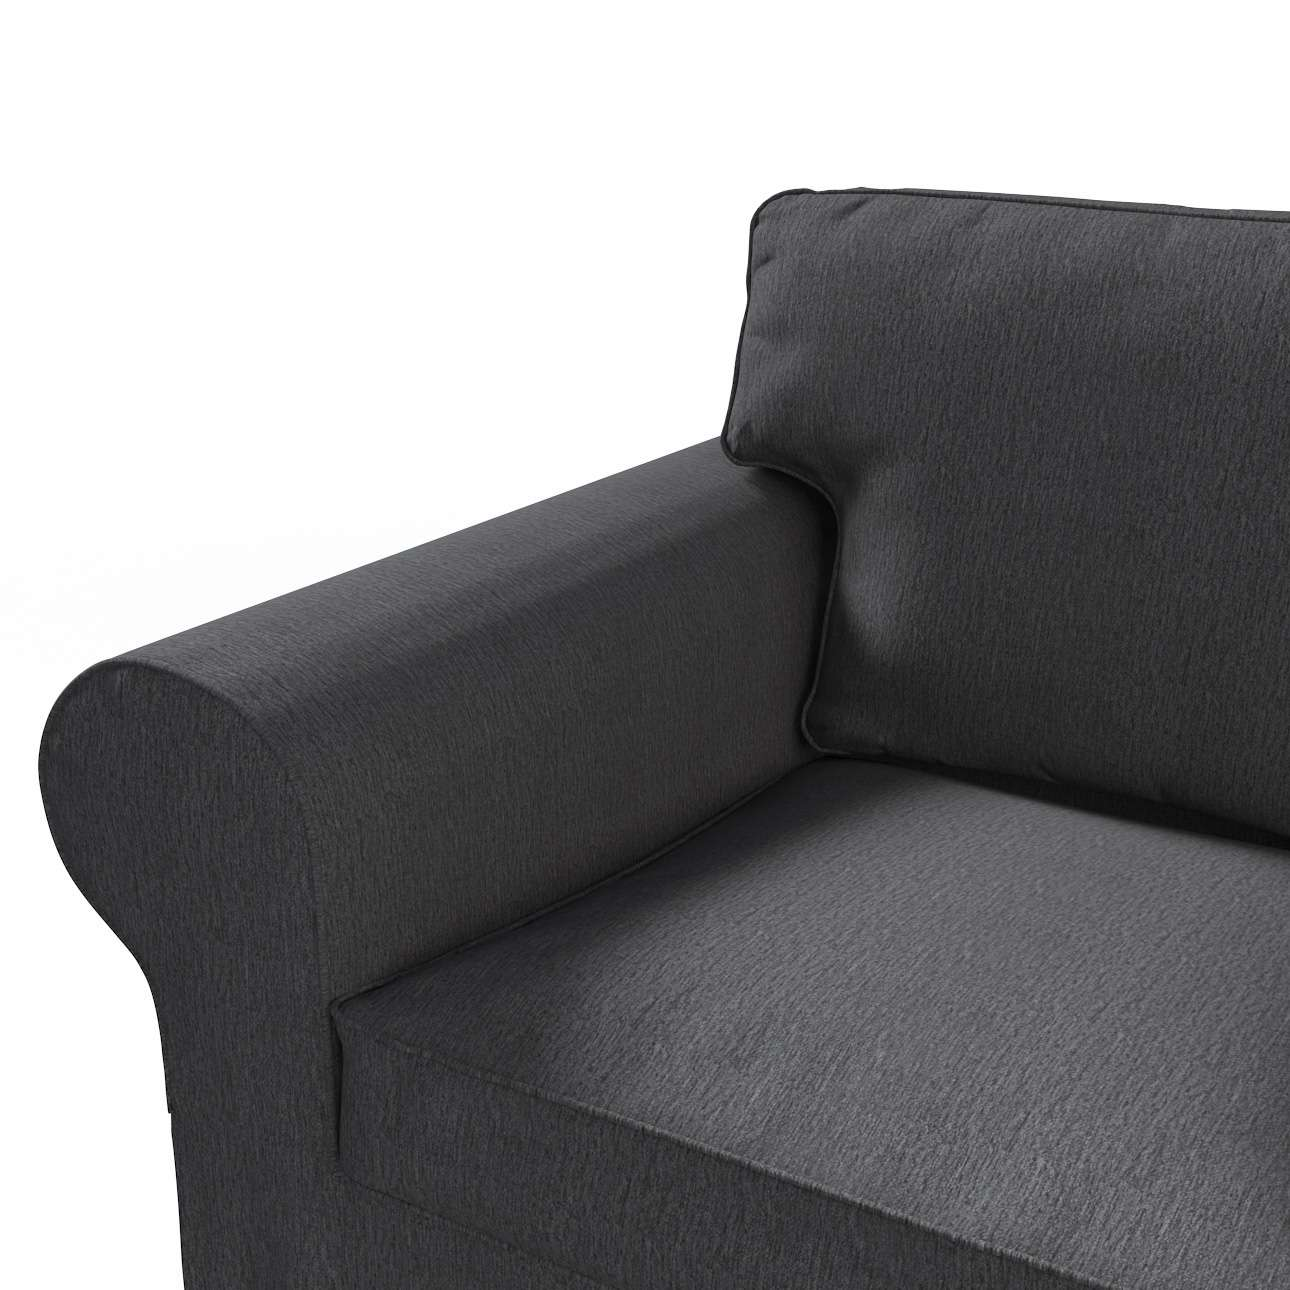 Pokrowiec na sofę Ektorp 2-osobową rozkładana NOWY MODEL 2012 w kolekcji Chenille, tkanina: 702-20